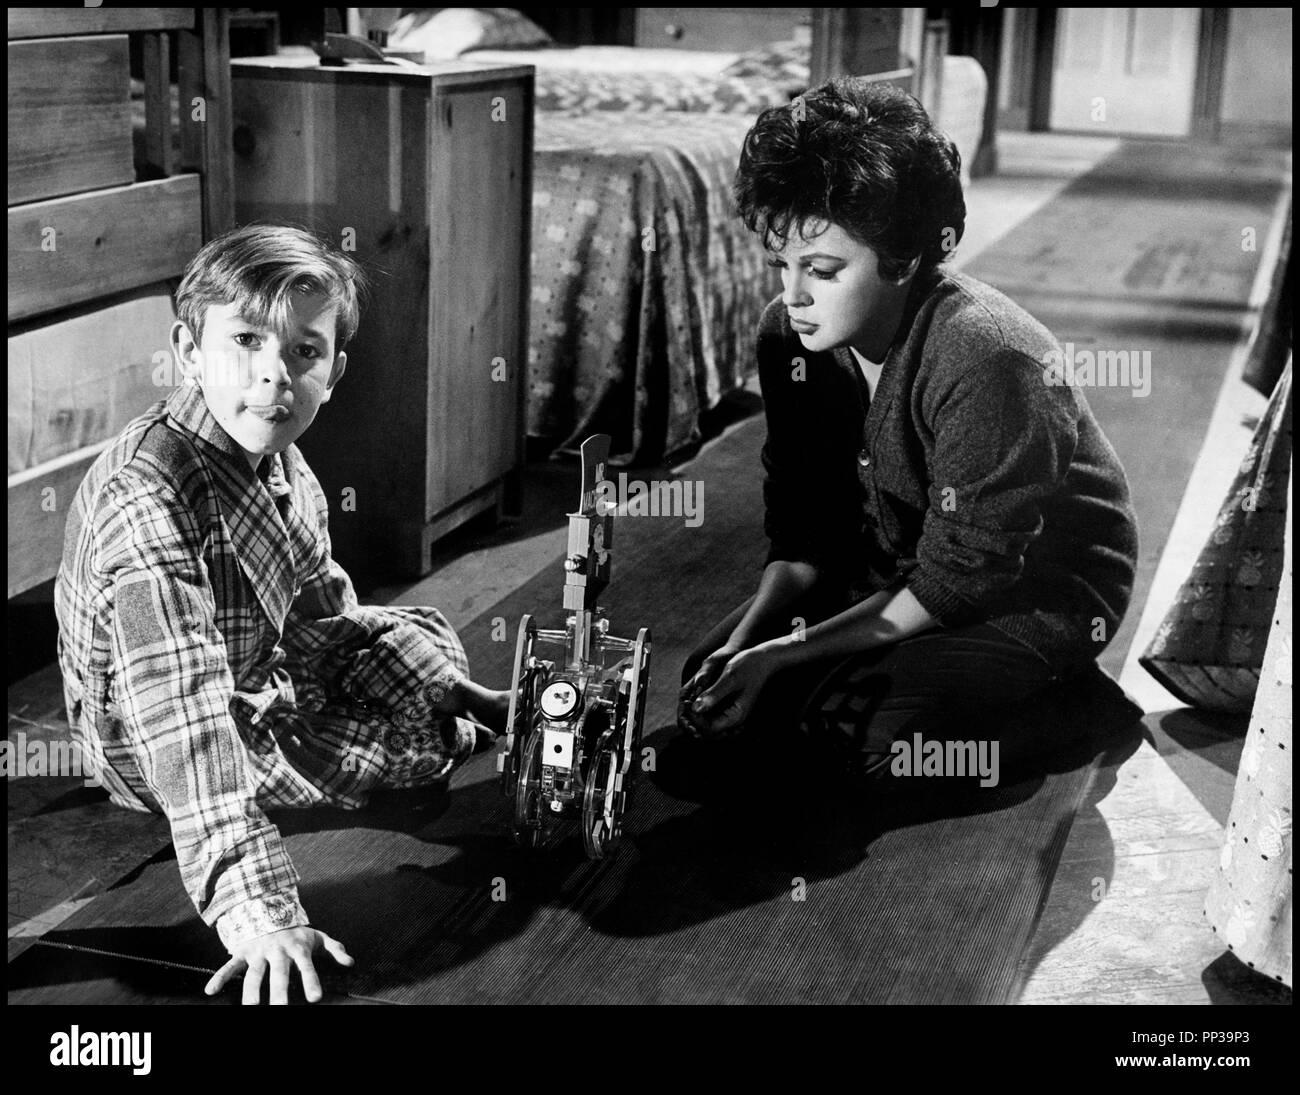 Prod DB © United Artists / DR UN ENFANT ATTEND (A CHILD IS WAITING) de John Cassavetes 1963 USA avec Bruce Ritchey et Judy Garland mere et fils, jouet, jouer Artistes Associés code CW - Stock Image